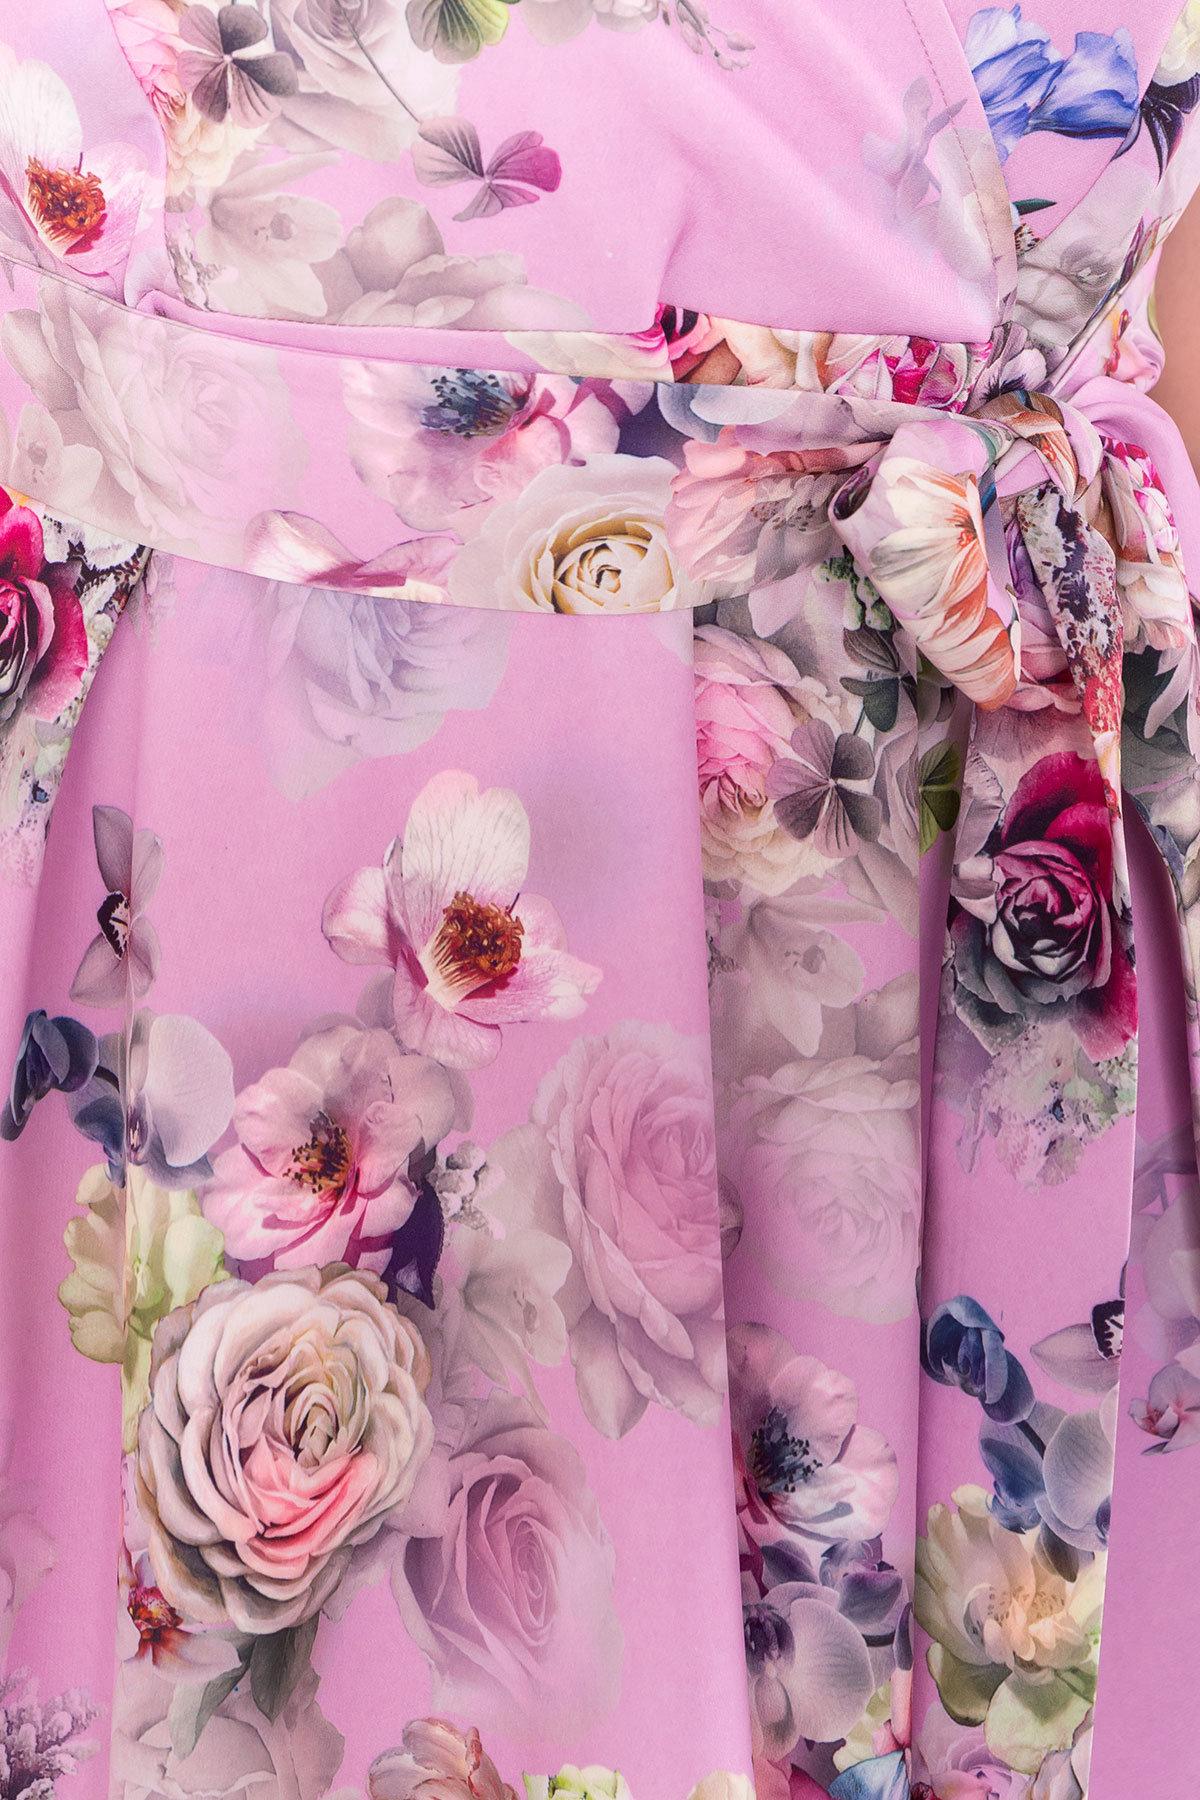 Платье Мидея миди DONNА 6931 АРТ. 42056 Цвет: Цветы розовый/пудра - фото 4, интернет магазин tm-modus.ru